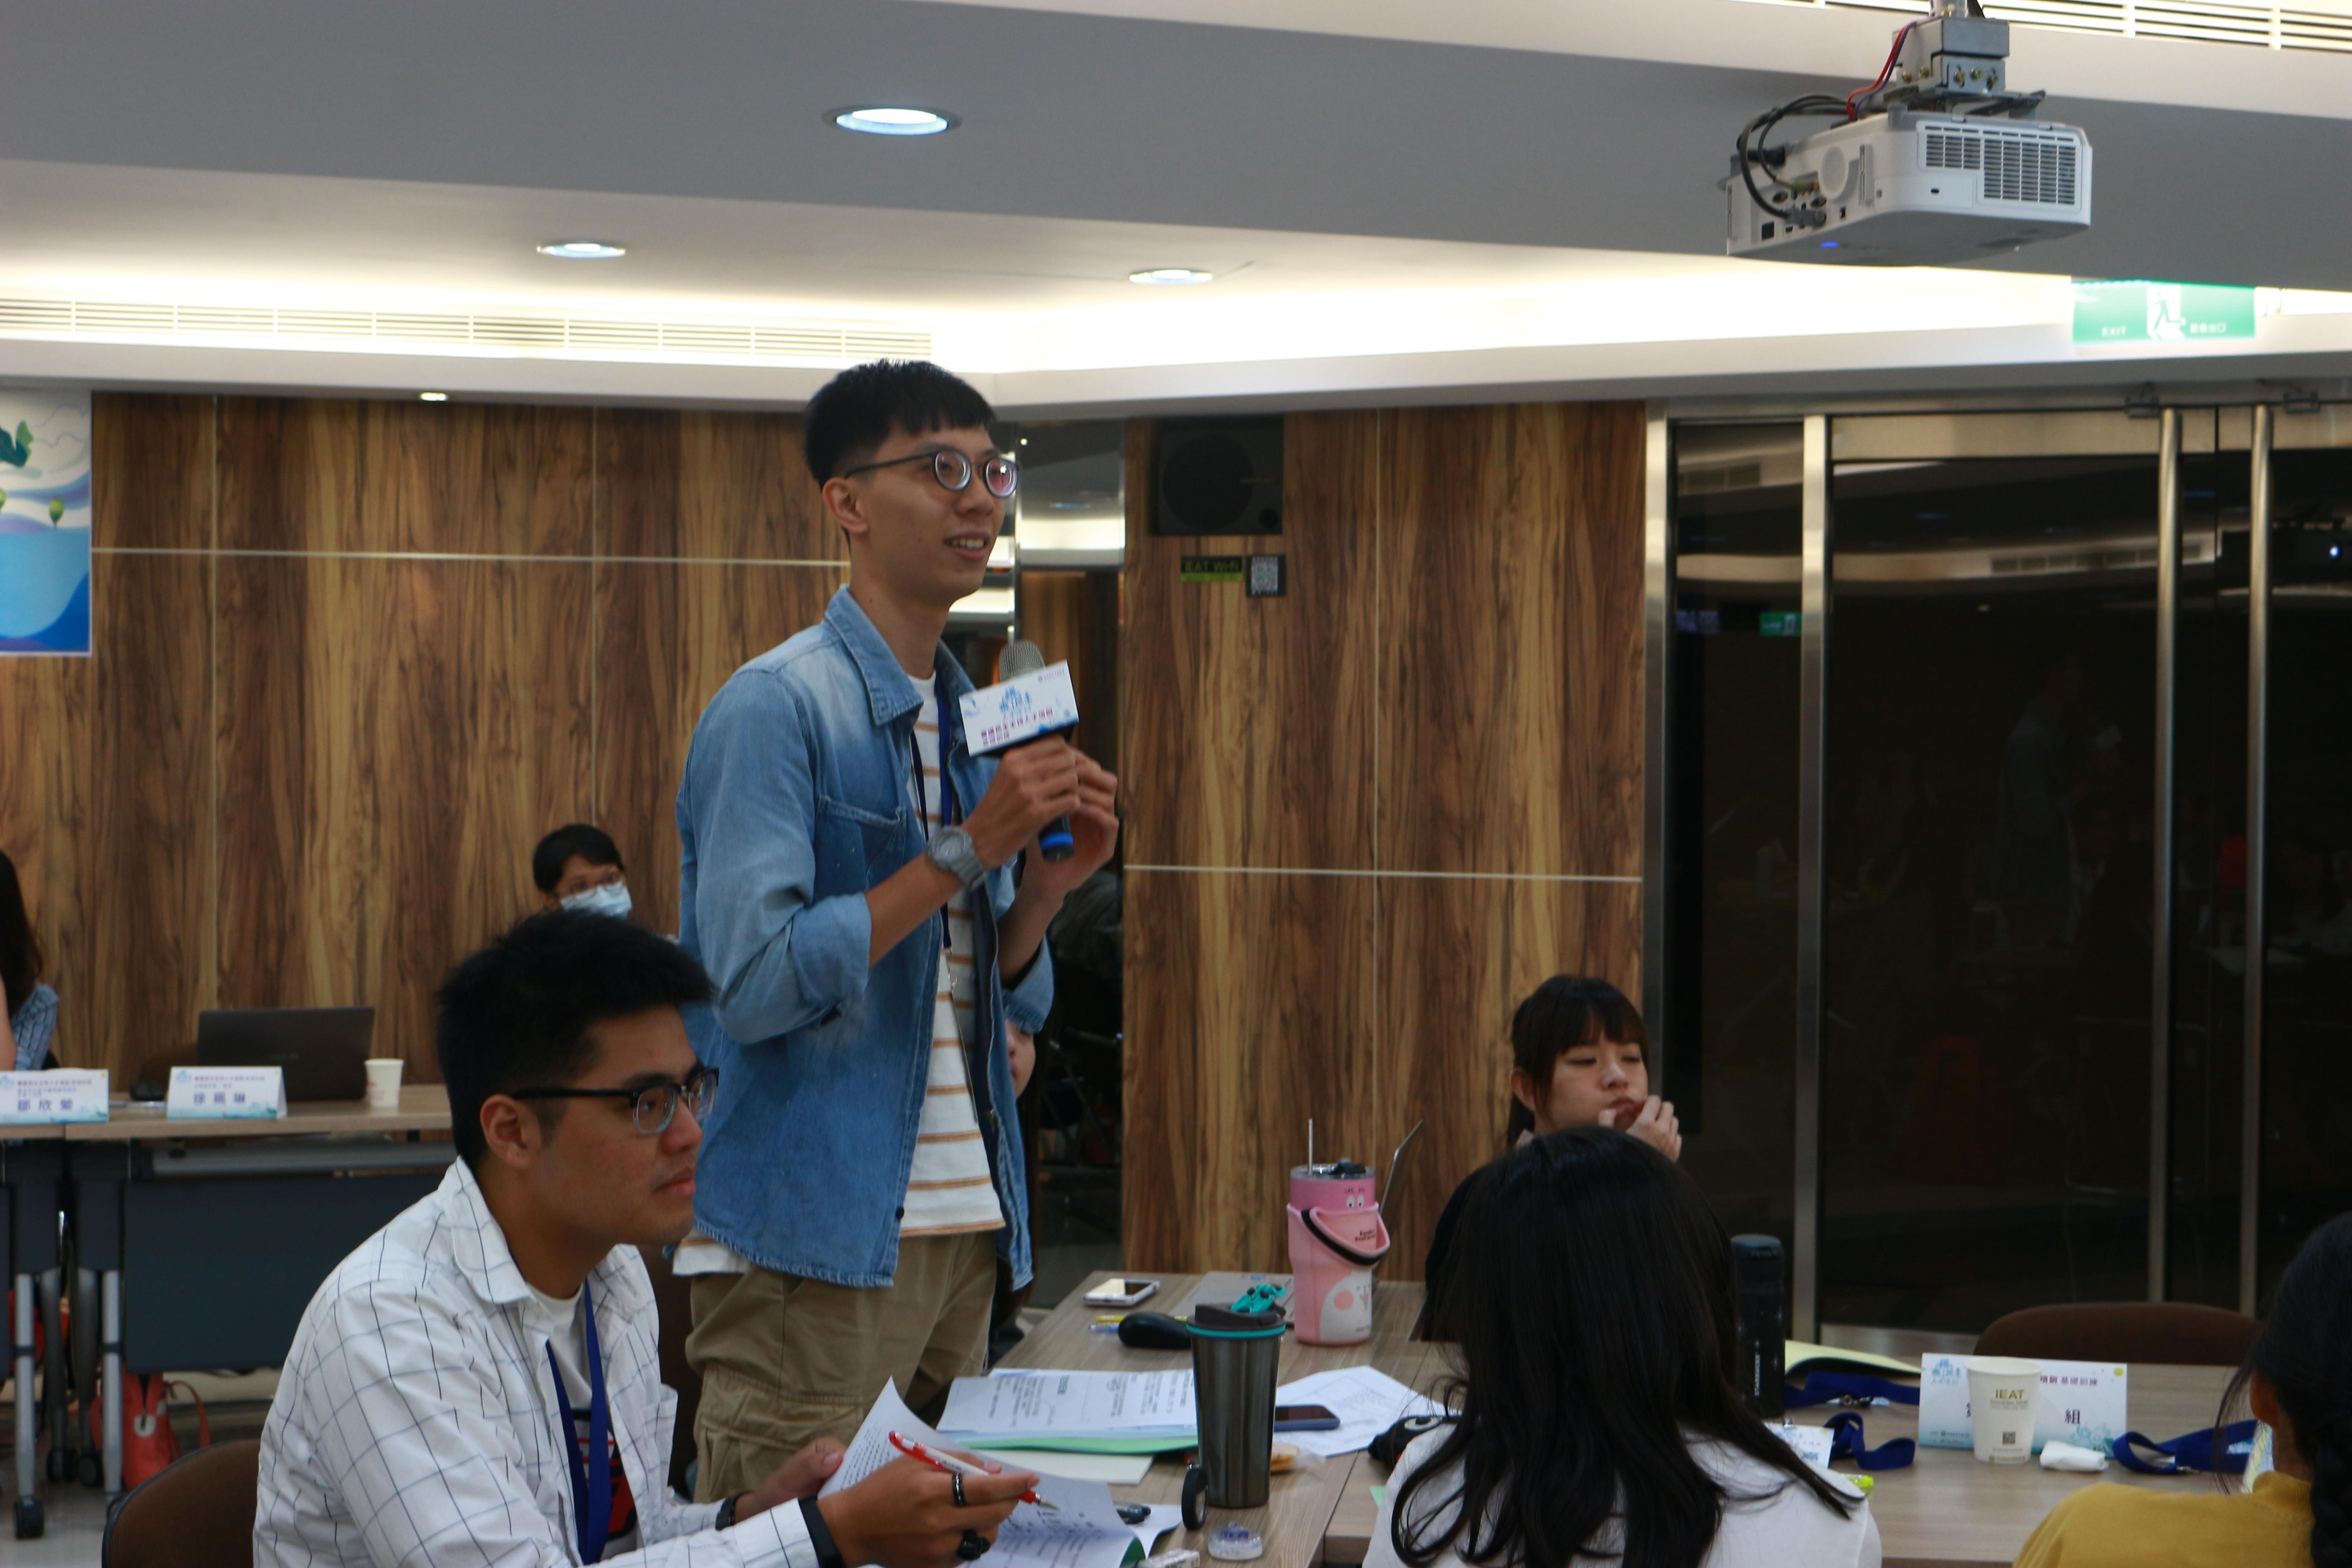 (圖二)來自臺南的學員在課程Q&A時間,向台上的講師踴躍發問,提出自己的想法。